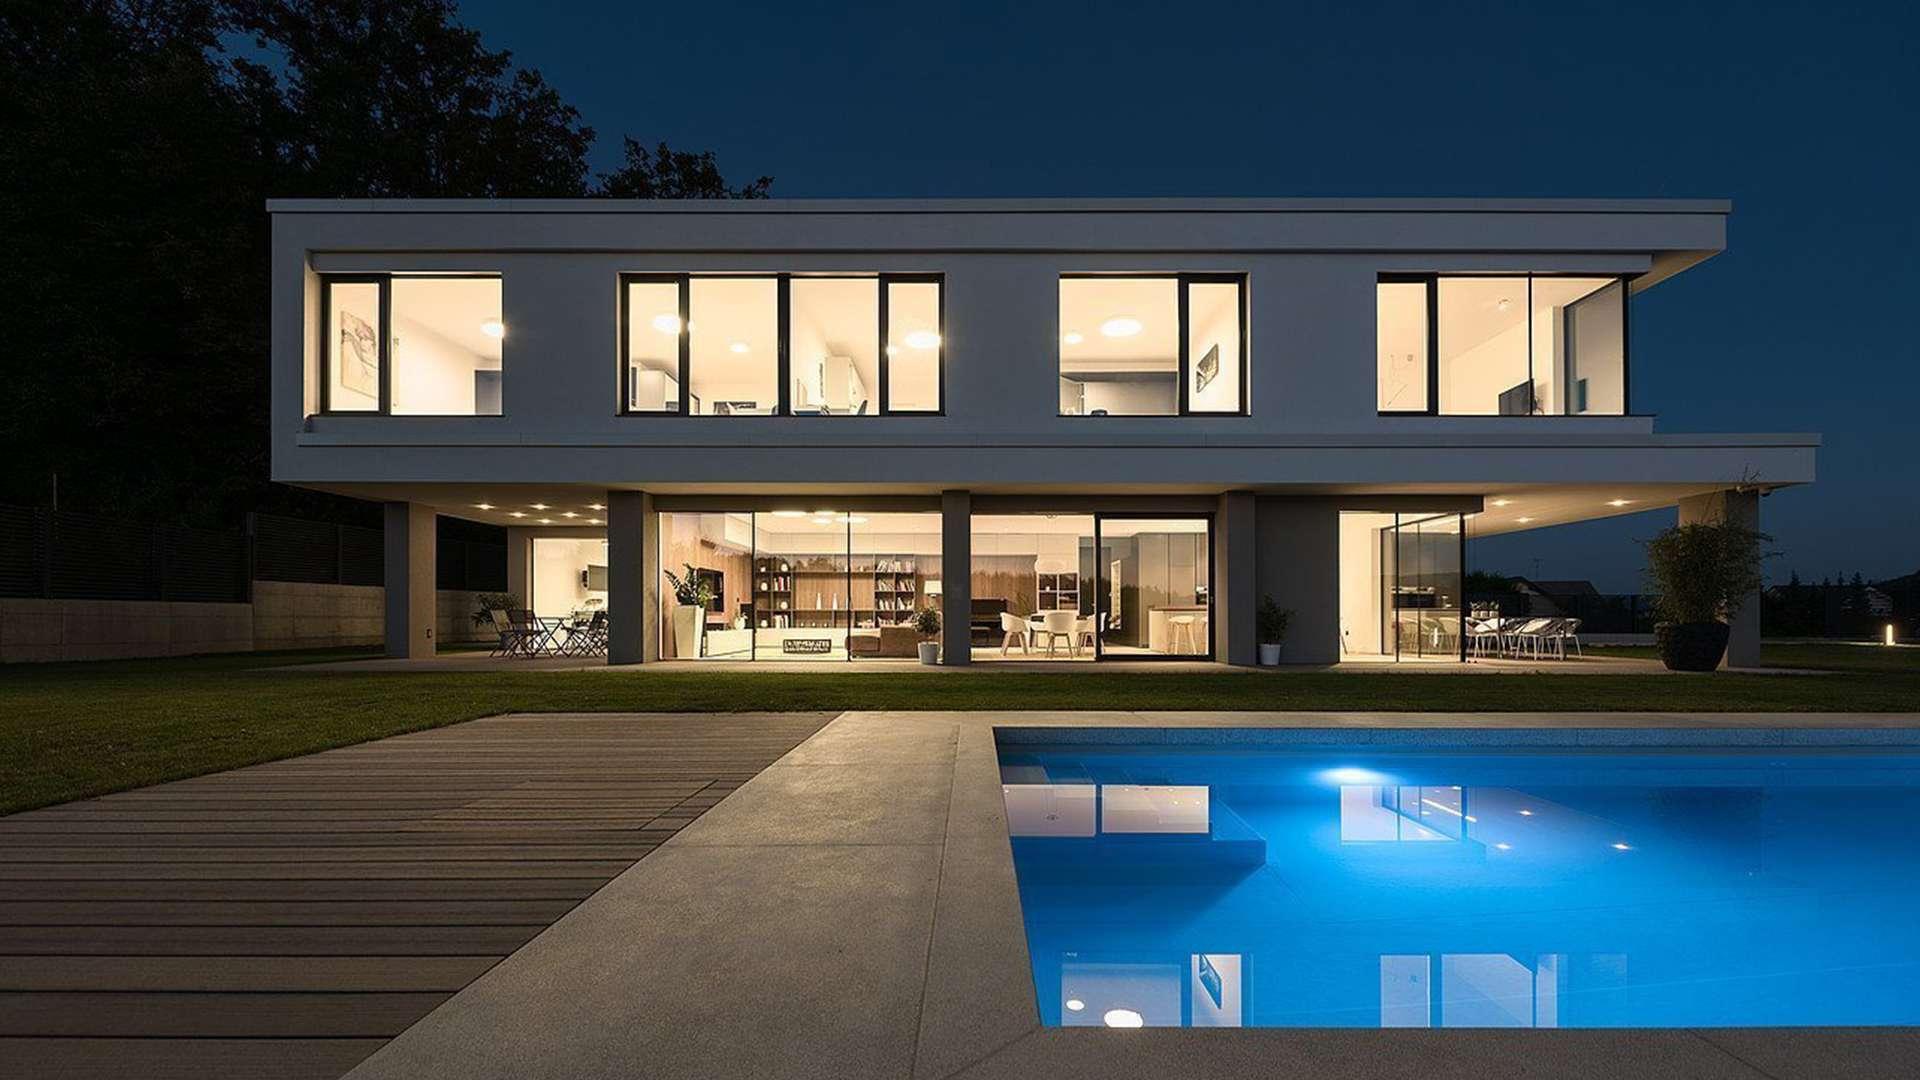 modernes großes Wohnhaus mit Flachdach und vielen Holzalufenstern bei Nacht. In Inneren des Hauses brennt Licht und im Vordergrund sieht man einen Pool.